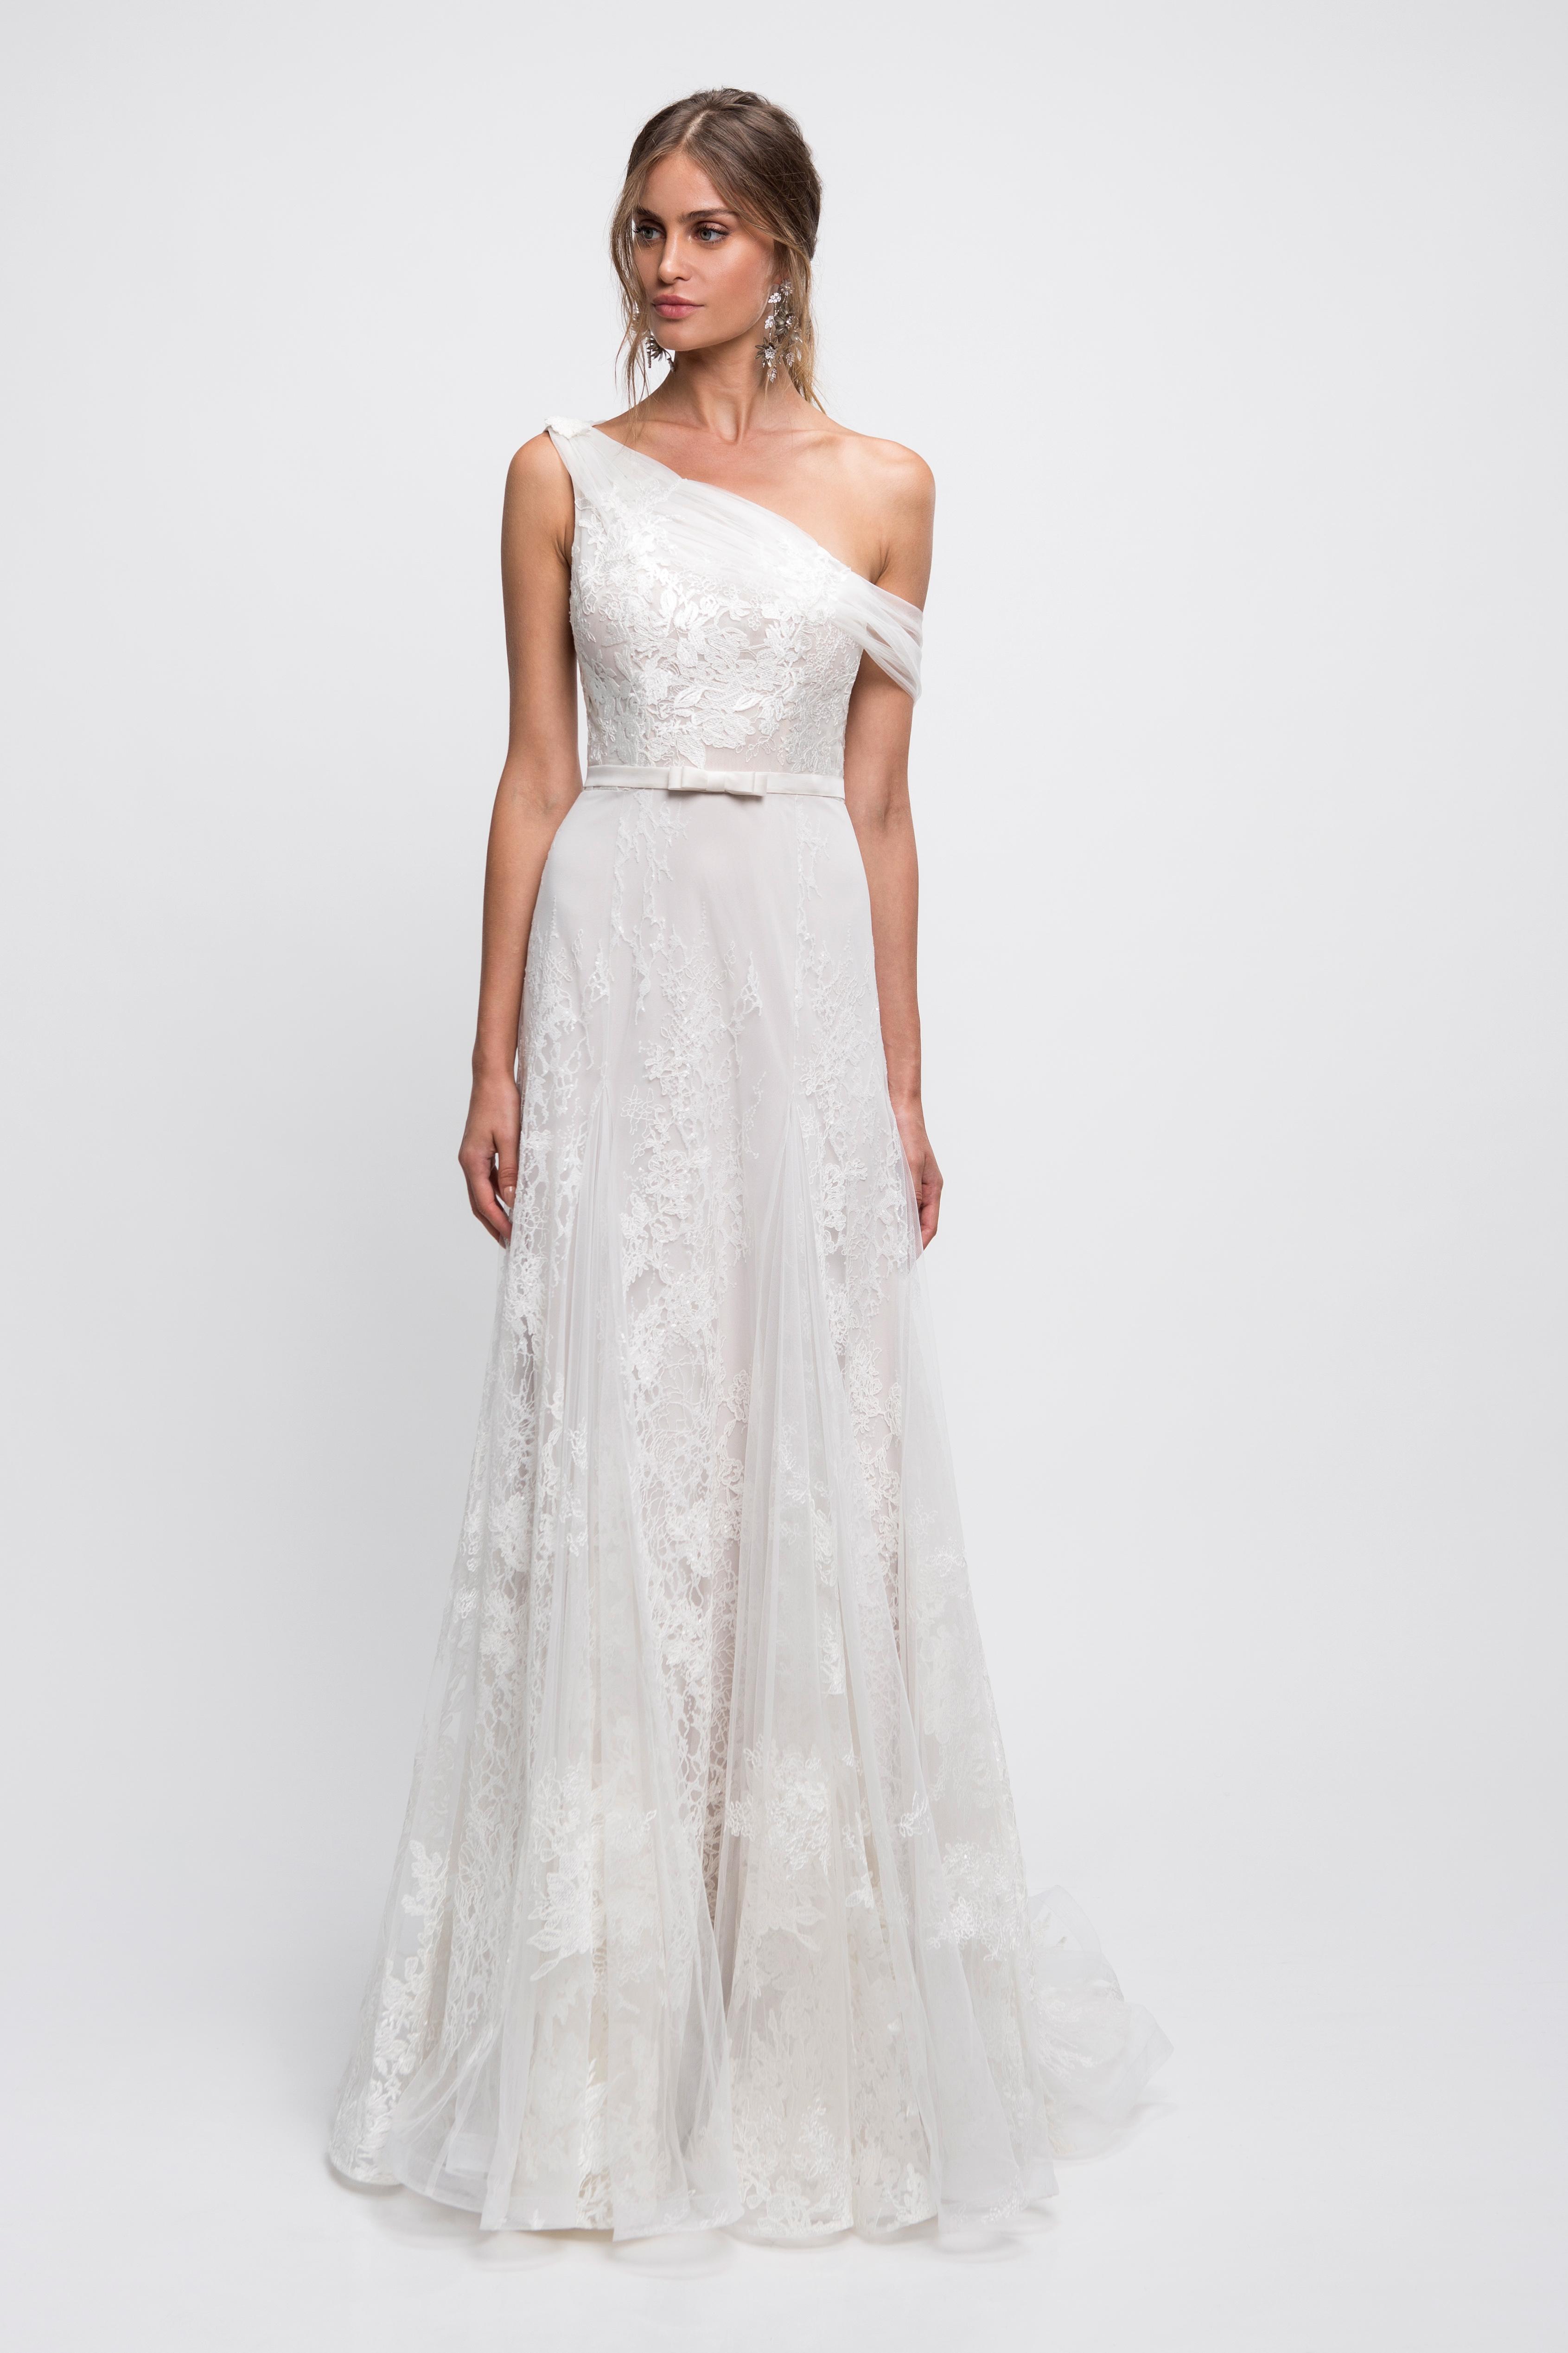 lihi hod wedding dress lace one shoulder off the shoulder a-line